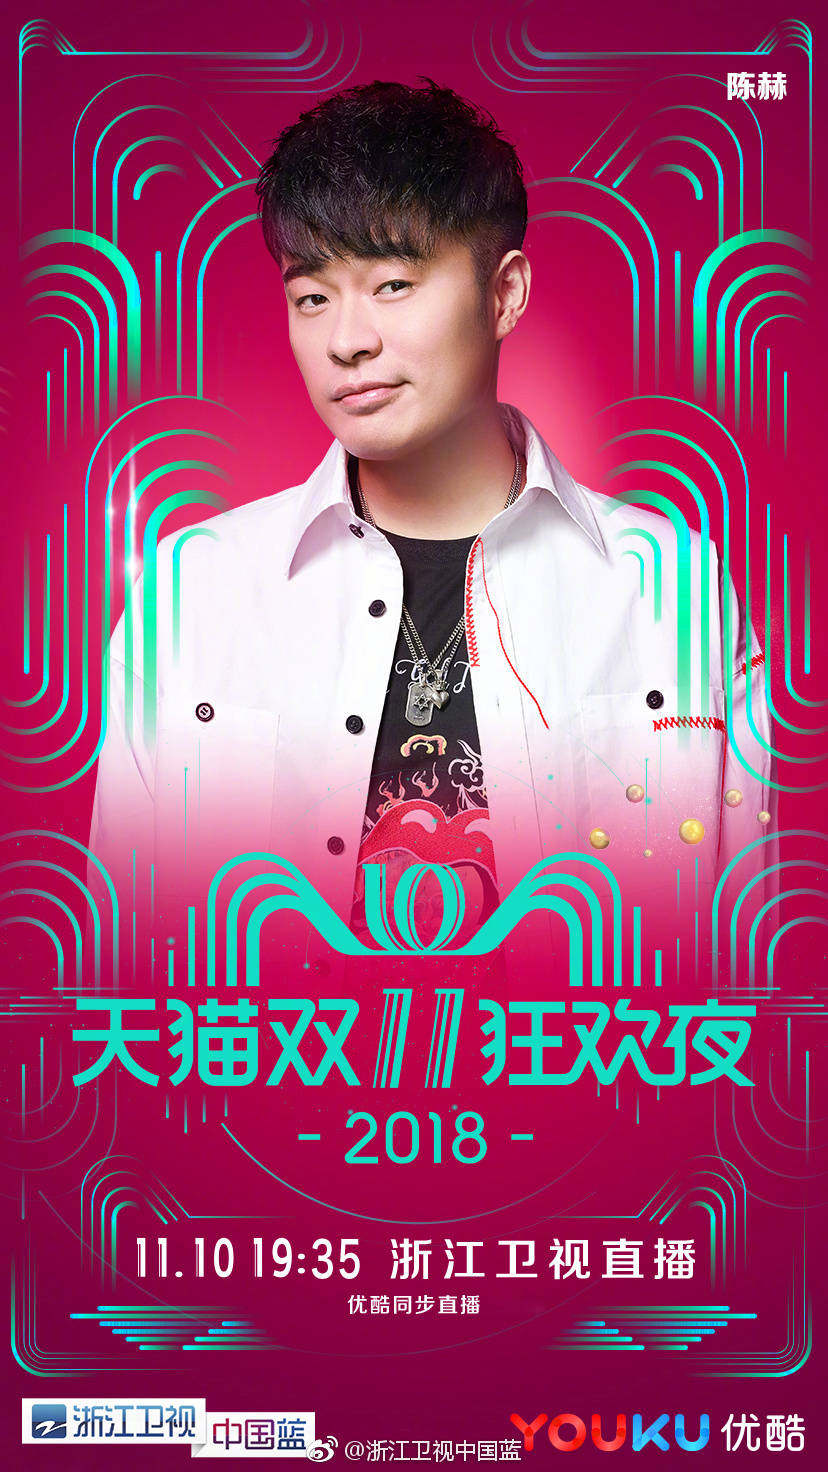 2018《天猫双11狂欢夜》11月10日 快乐即将上演